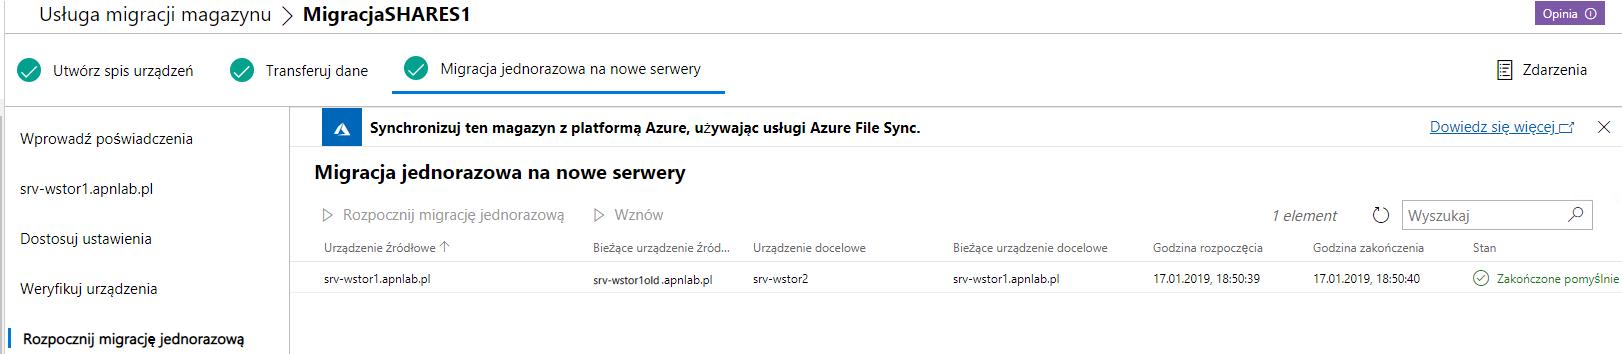 Windows Admin Center zakończenie migracji jednorazowej